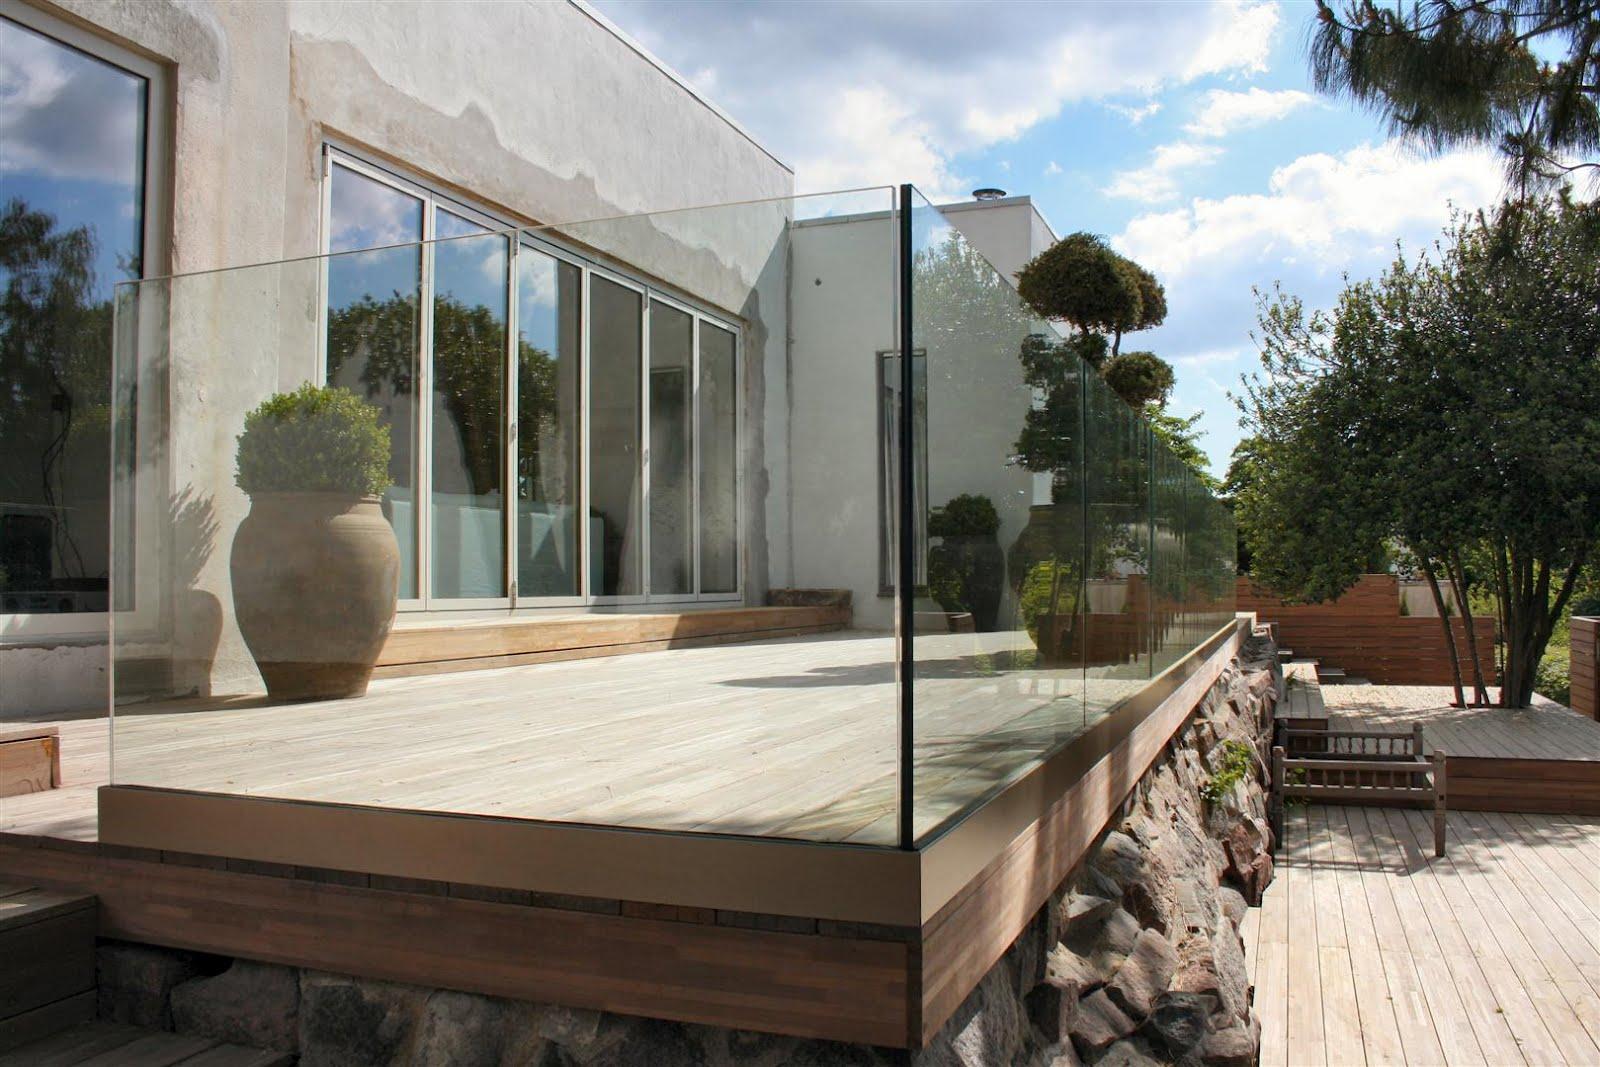 glas terrasser altan glas glas altaner frosted glas glas r kv rk glas gel ndere. Black Bedroom Furniture Sets. Home Design Ideas